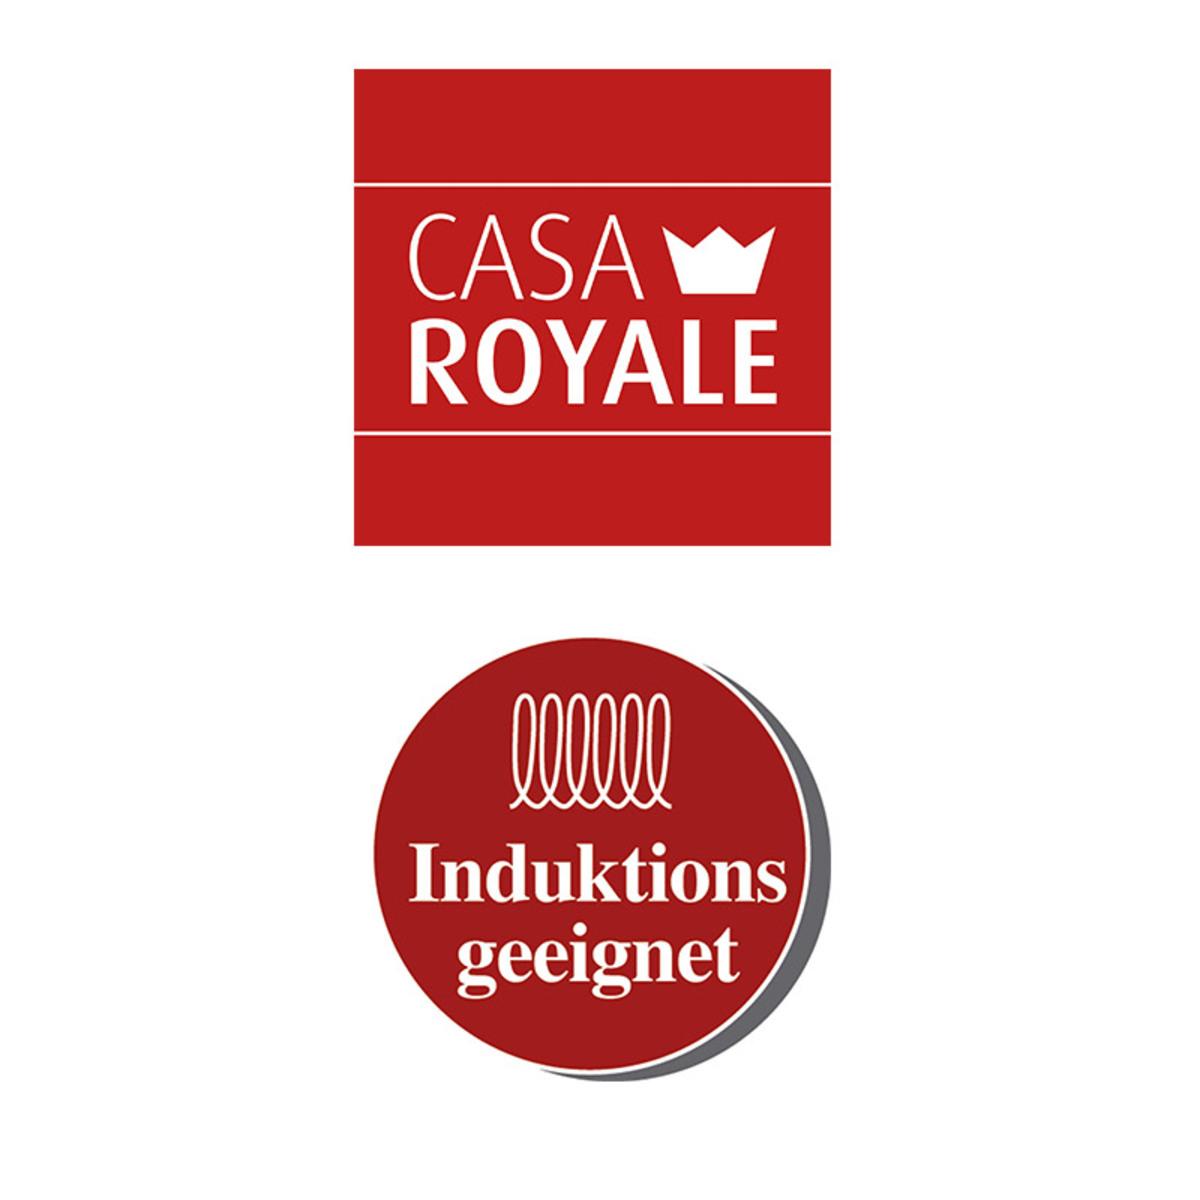 Bild 3 von Casa Royale Gusseisen-Bräter ca. 7 Liter - rot